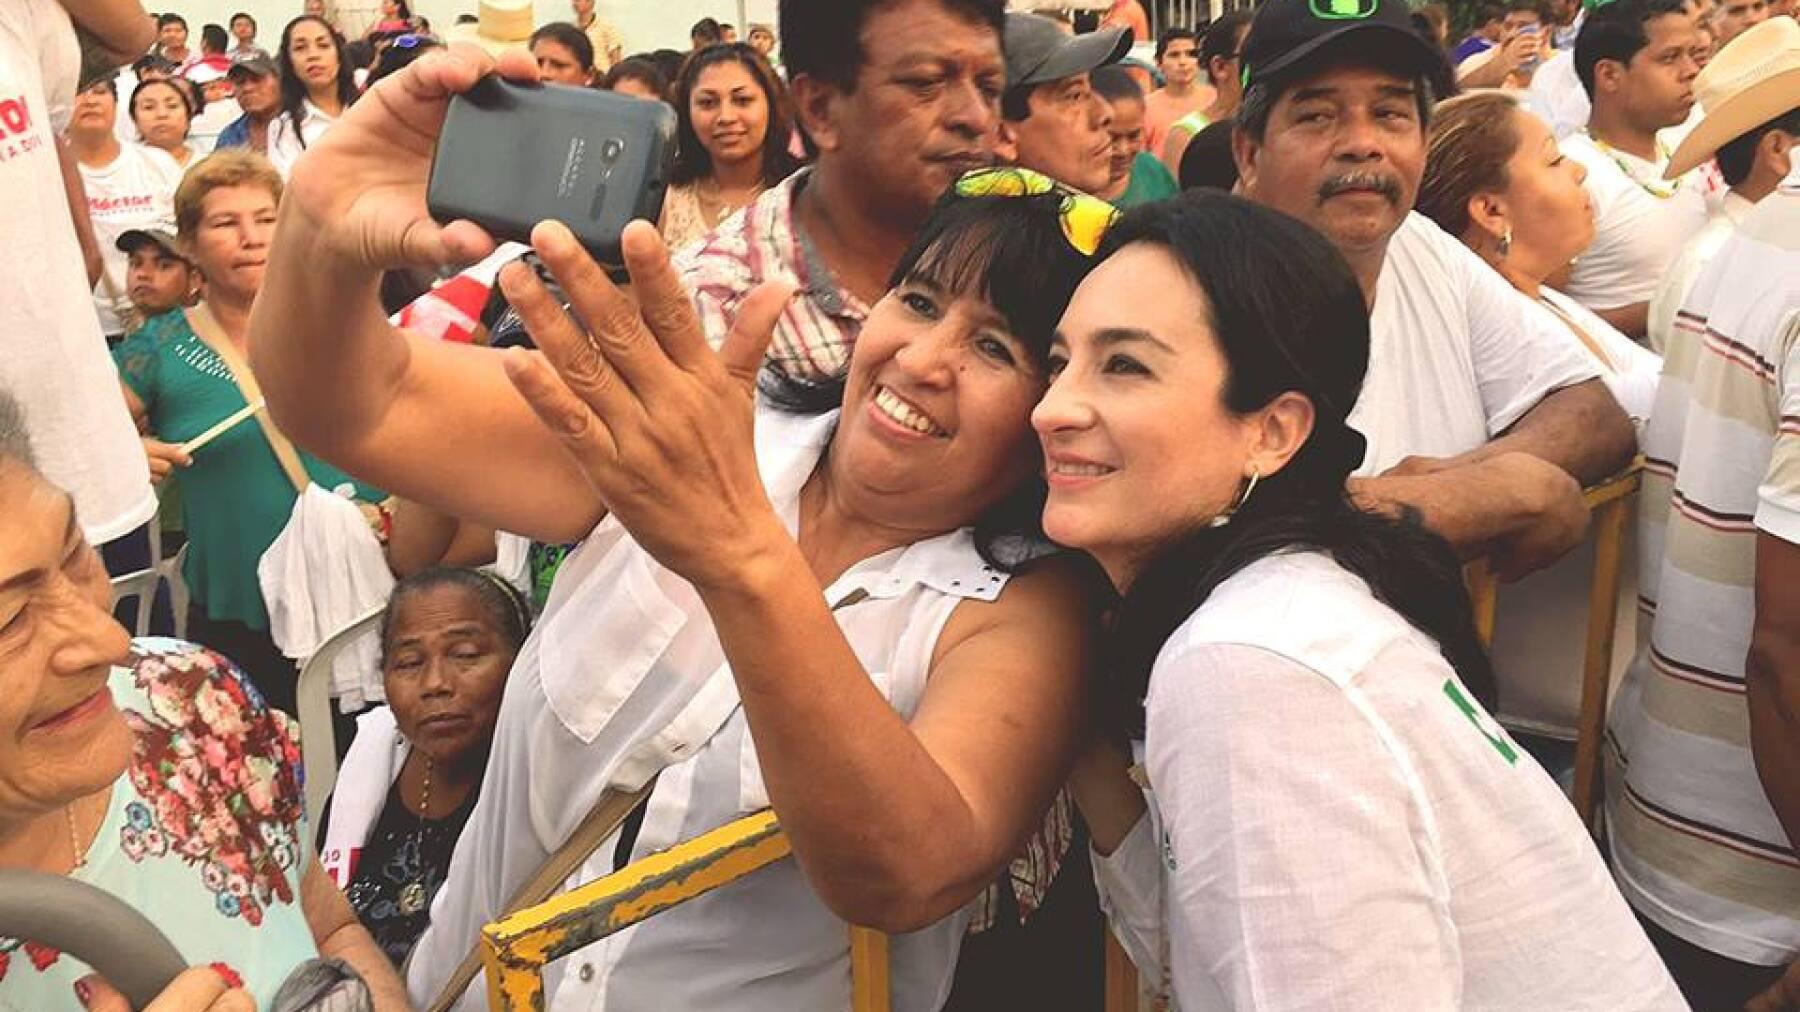 La esposa del priista Héctor Yunes ha adquirido popularidad por su cercanía con los veracruzanos.